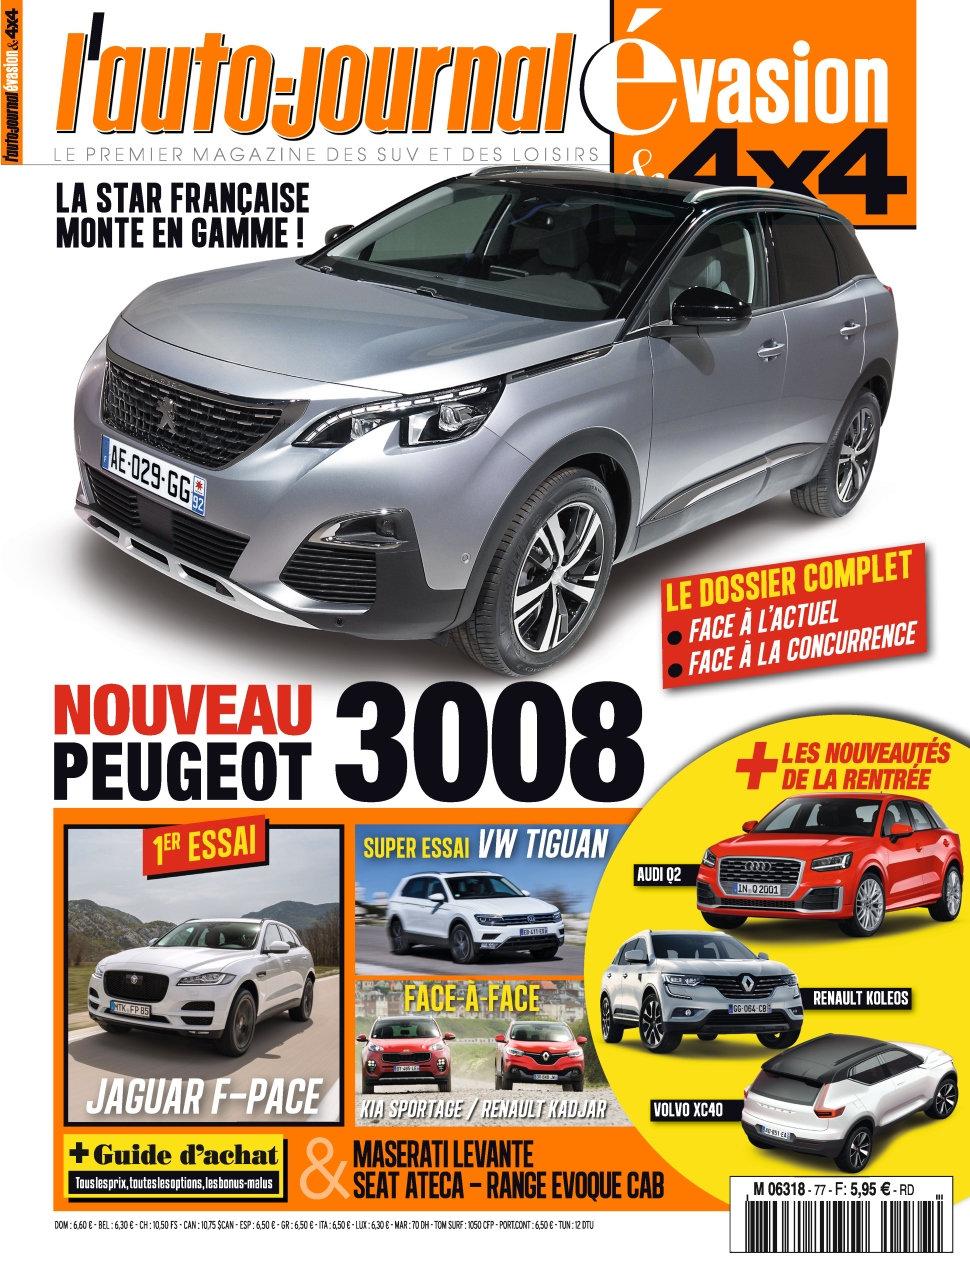 L'Auto-Journal 4x4 N°77 - Juin/Juillet/Aout 2016